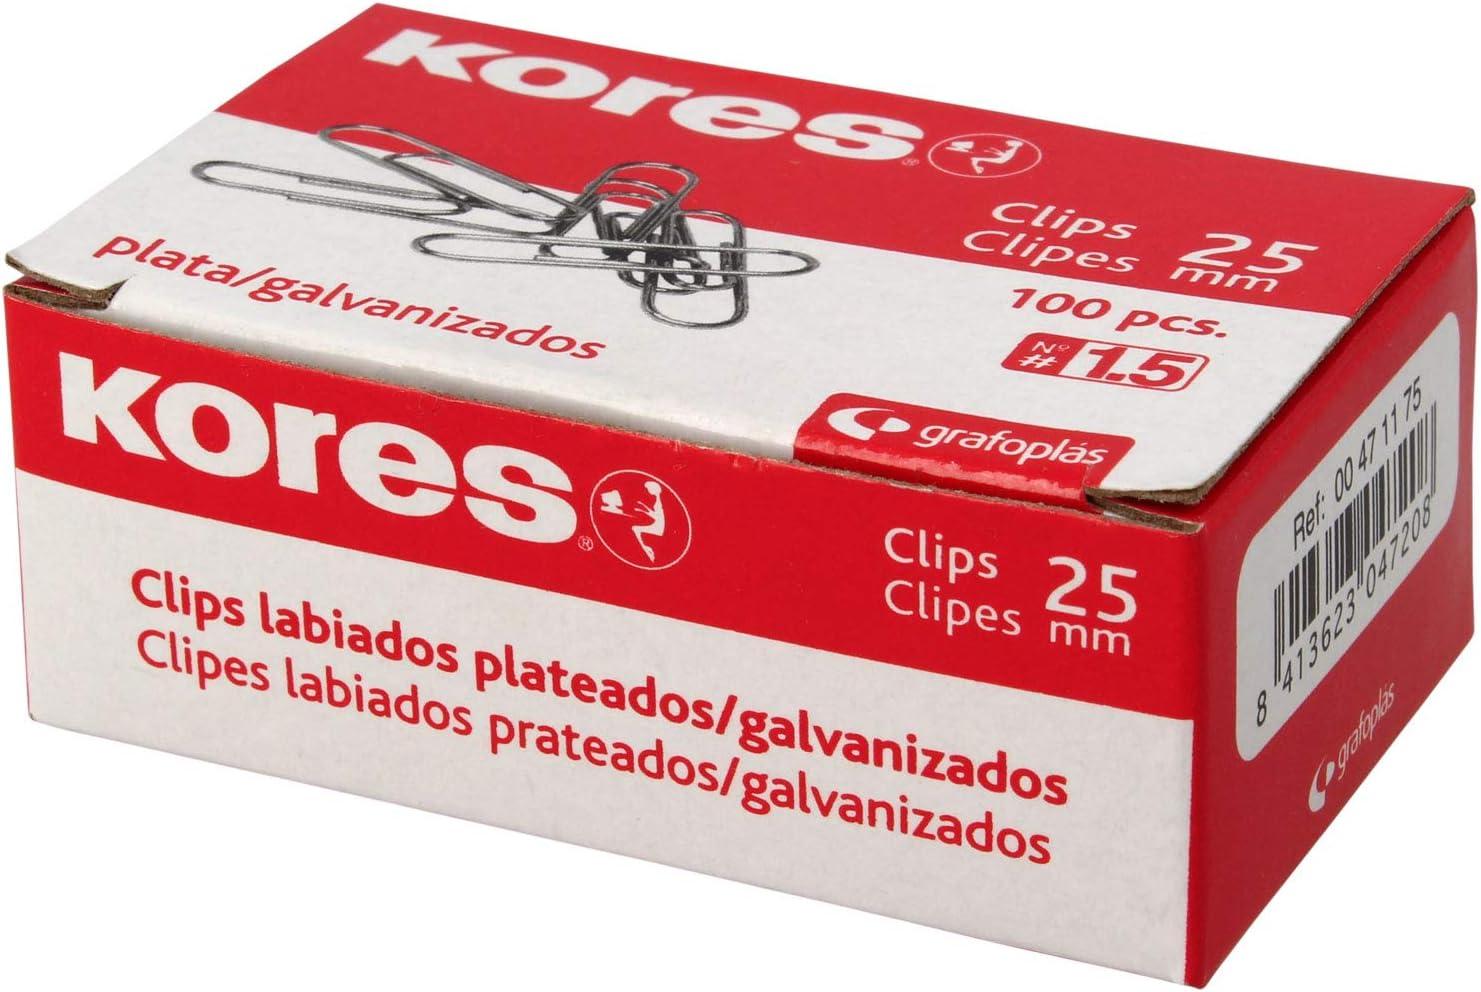 Kores 471175 Caja de Clips Galvanizados, Plateado, Nº 1.5 (25 mm)